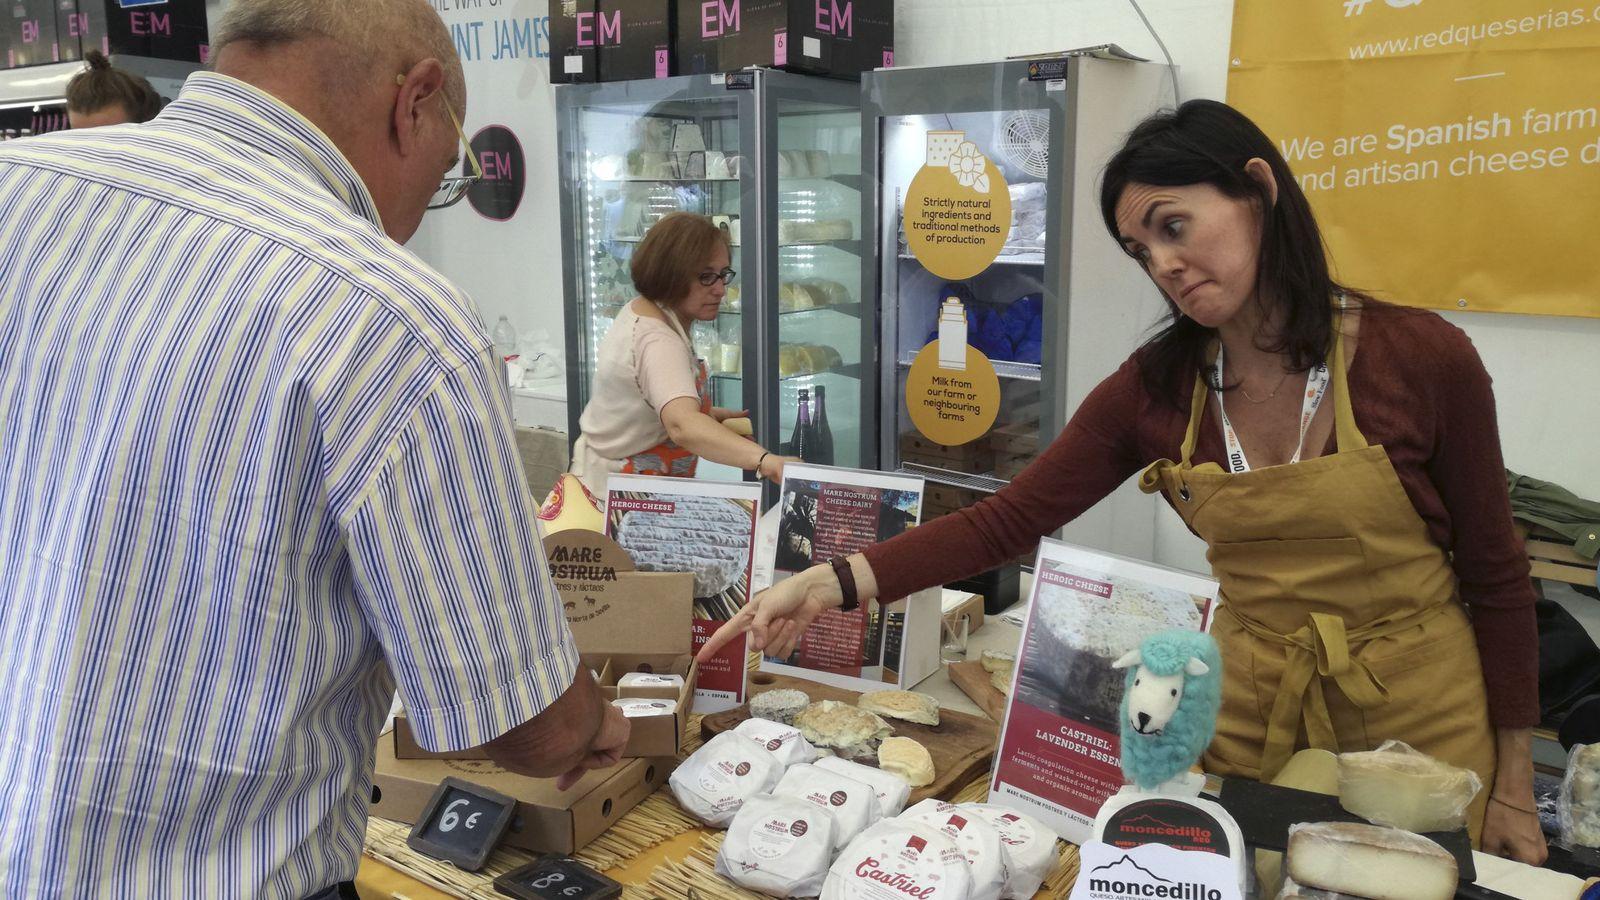 Foto: Quesos españoles de leche cruda, en una feria internacional celebrada en Italia. (Belén Delgado/EFE)